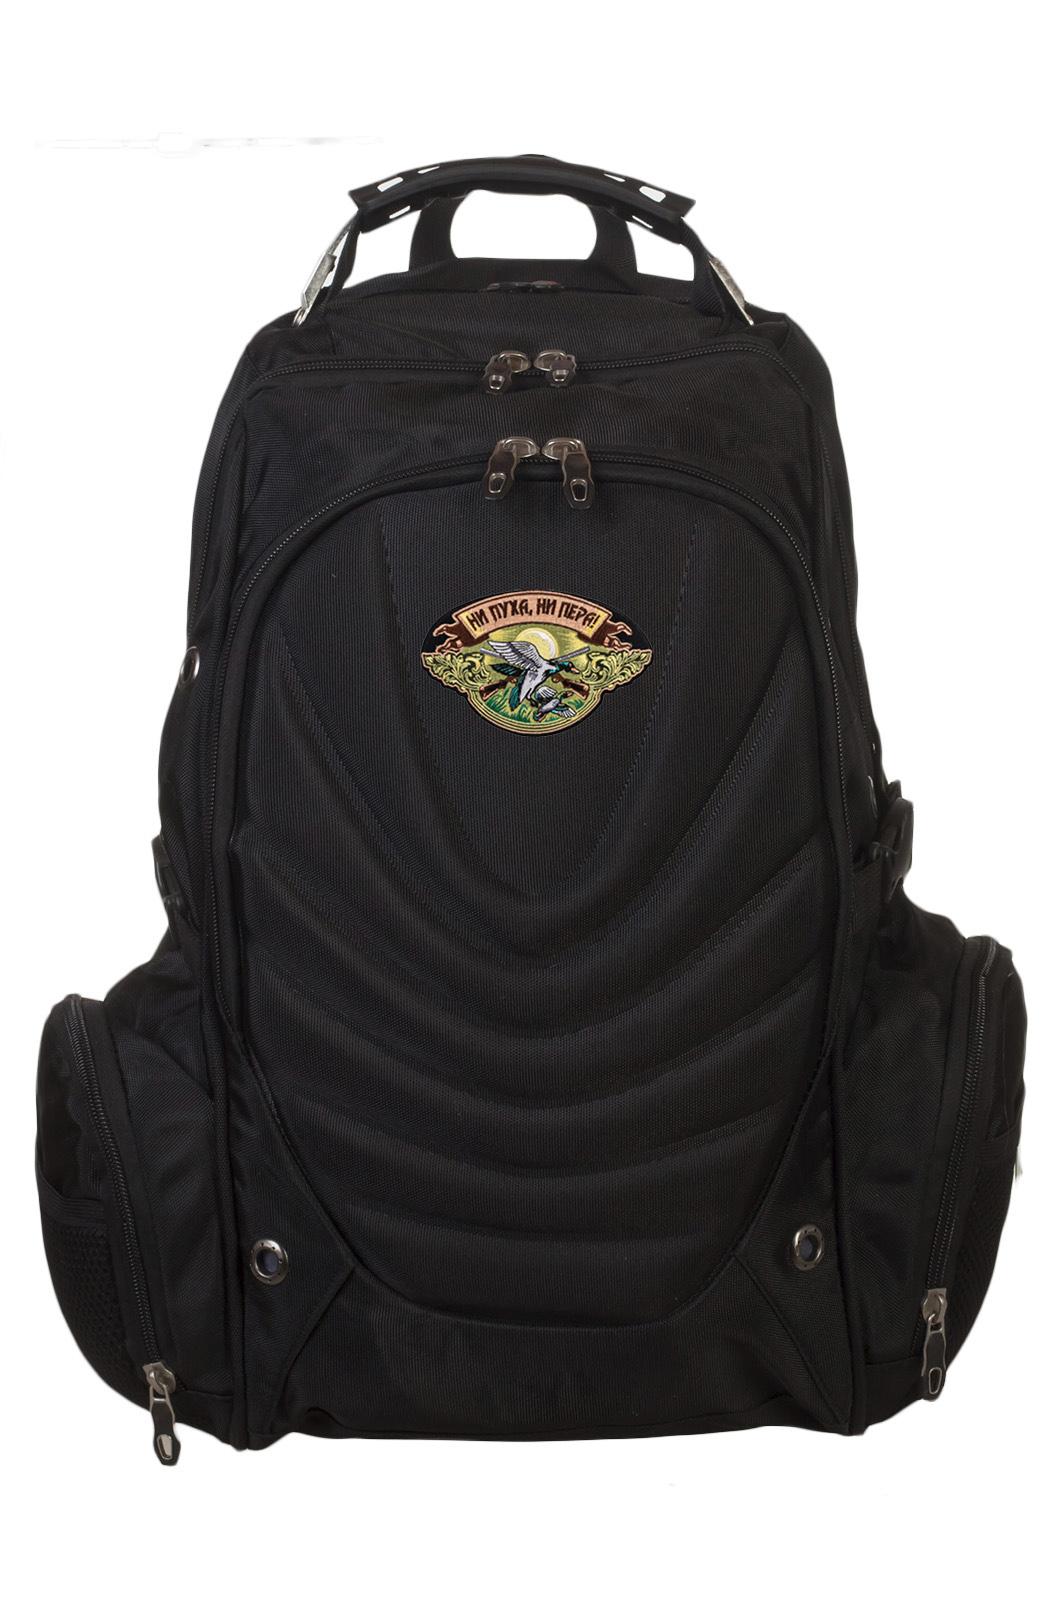 Топовый городской рюкзак с охотничьей нашивкой Ни пуха, ни пера!